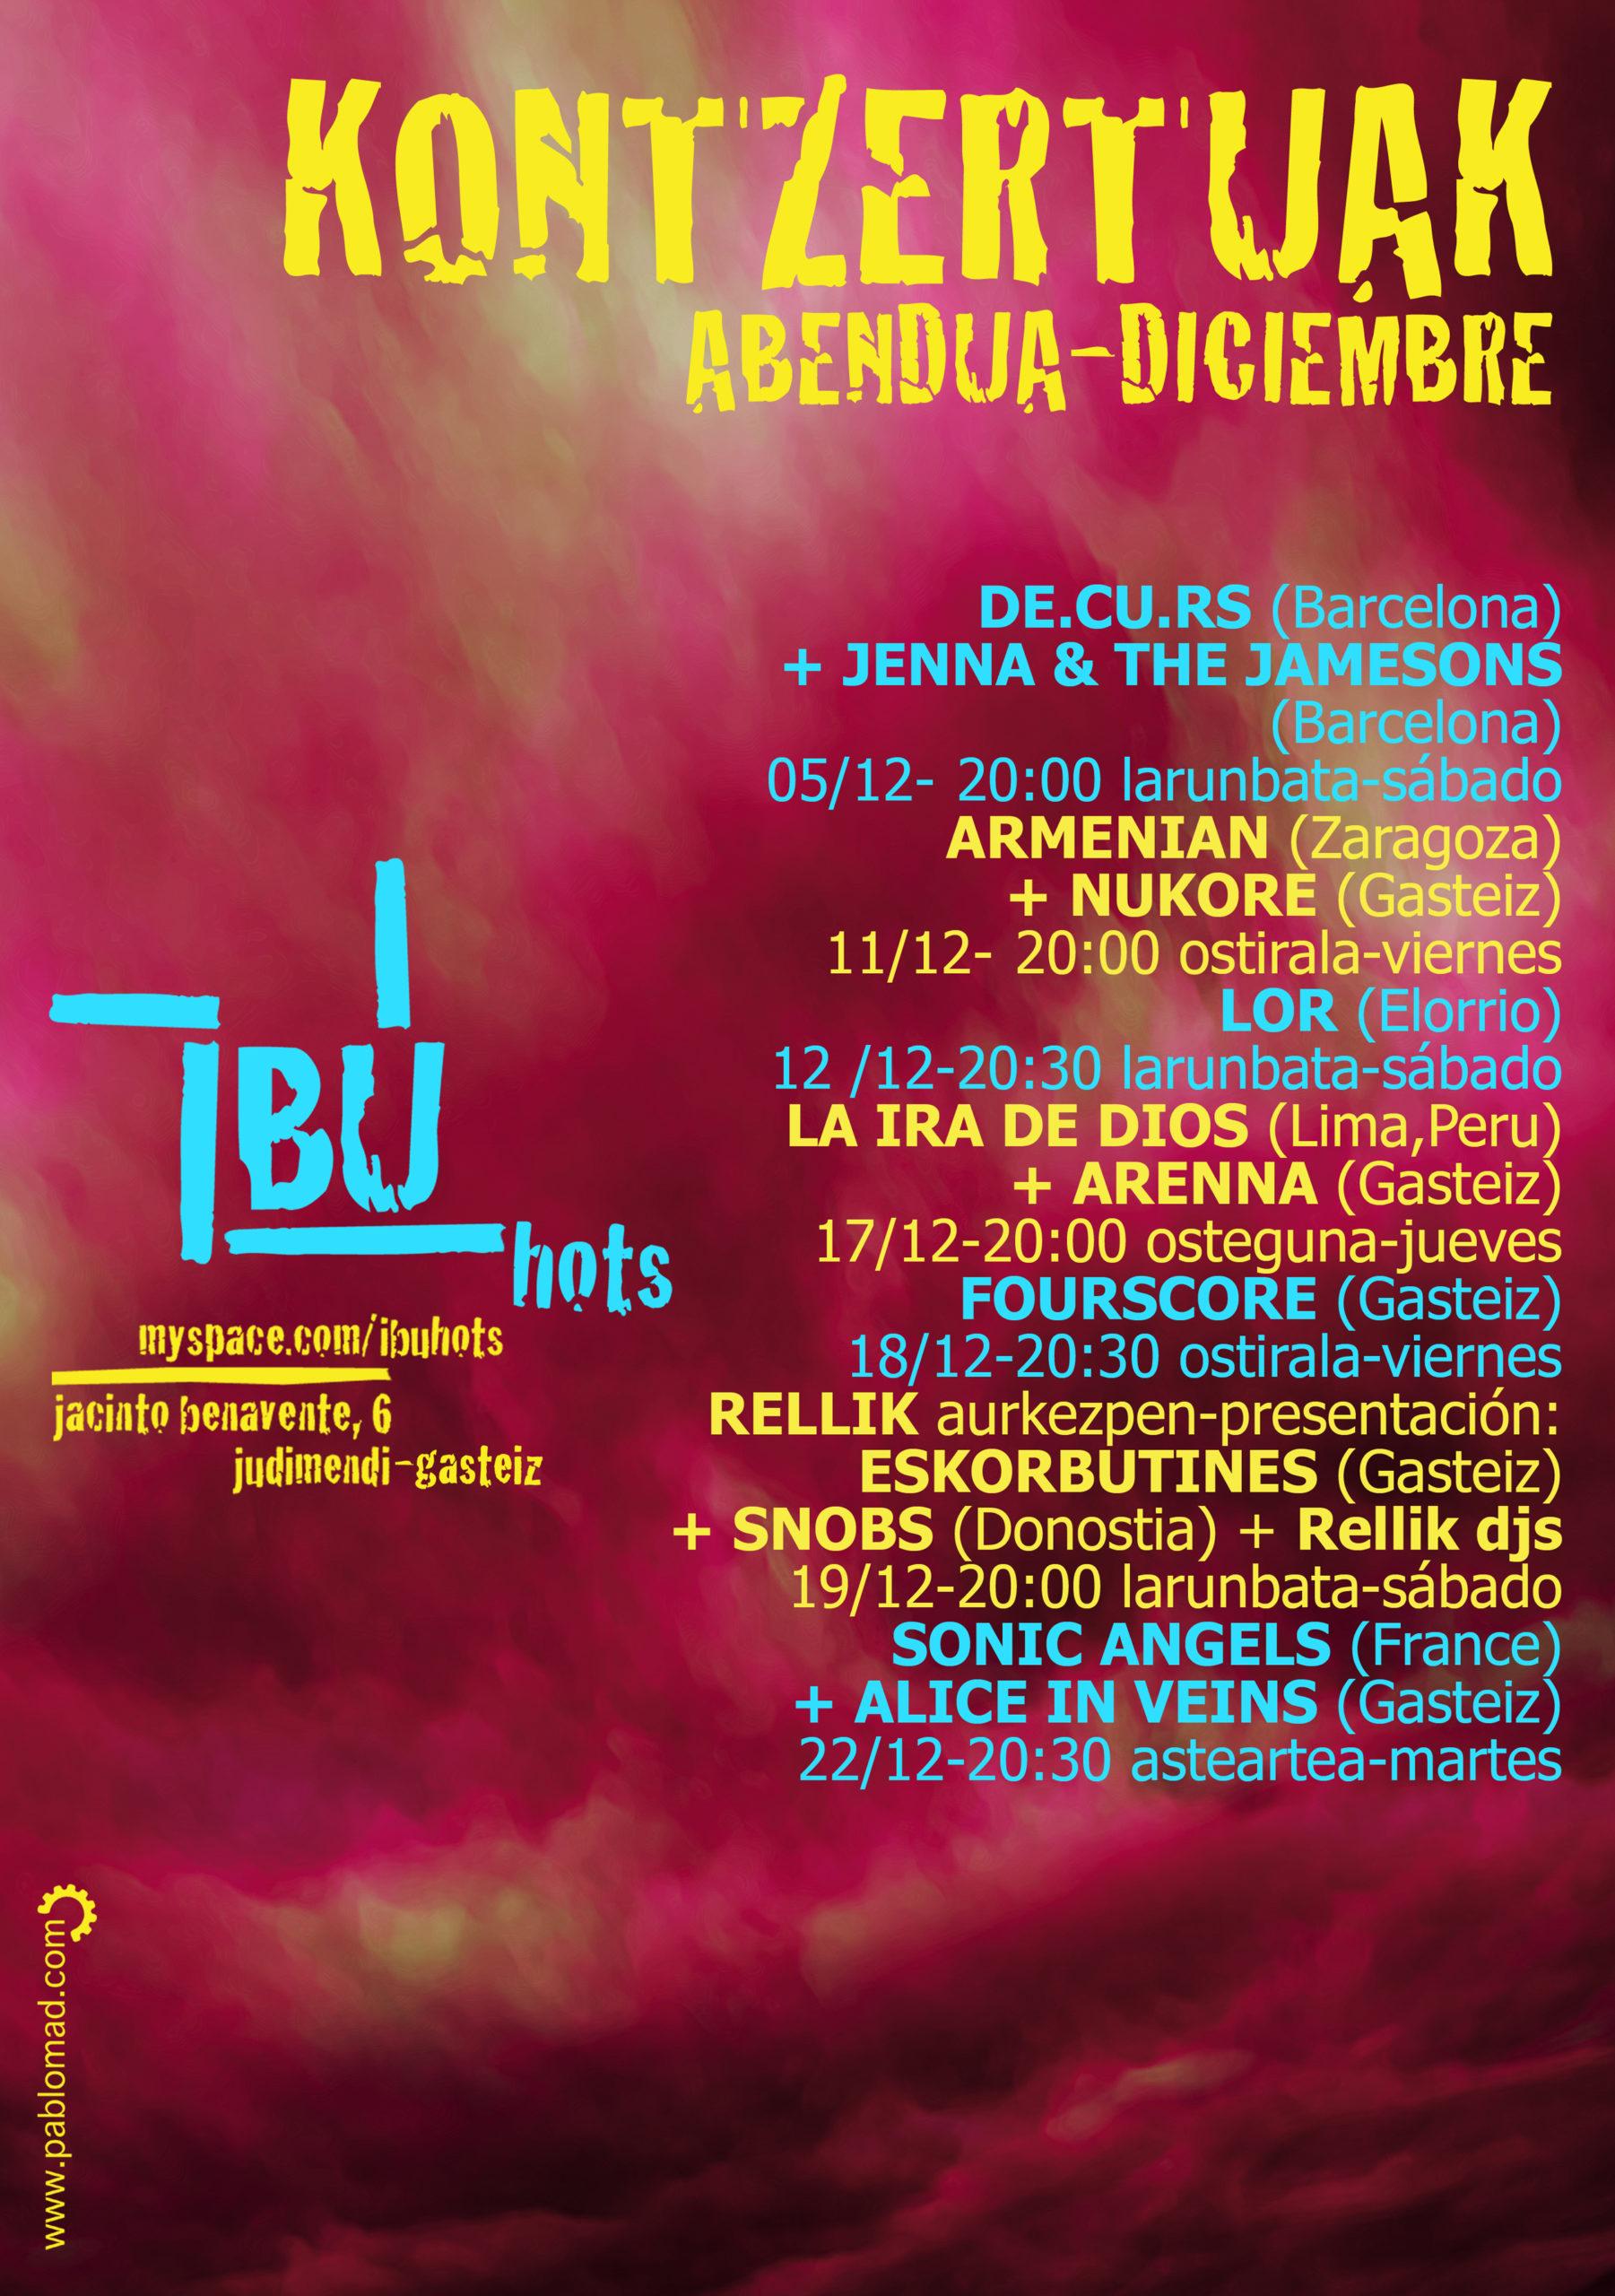 programacion diciembre 09 ibu pablomad